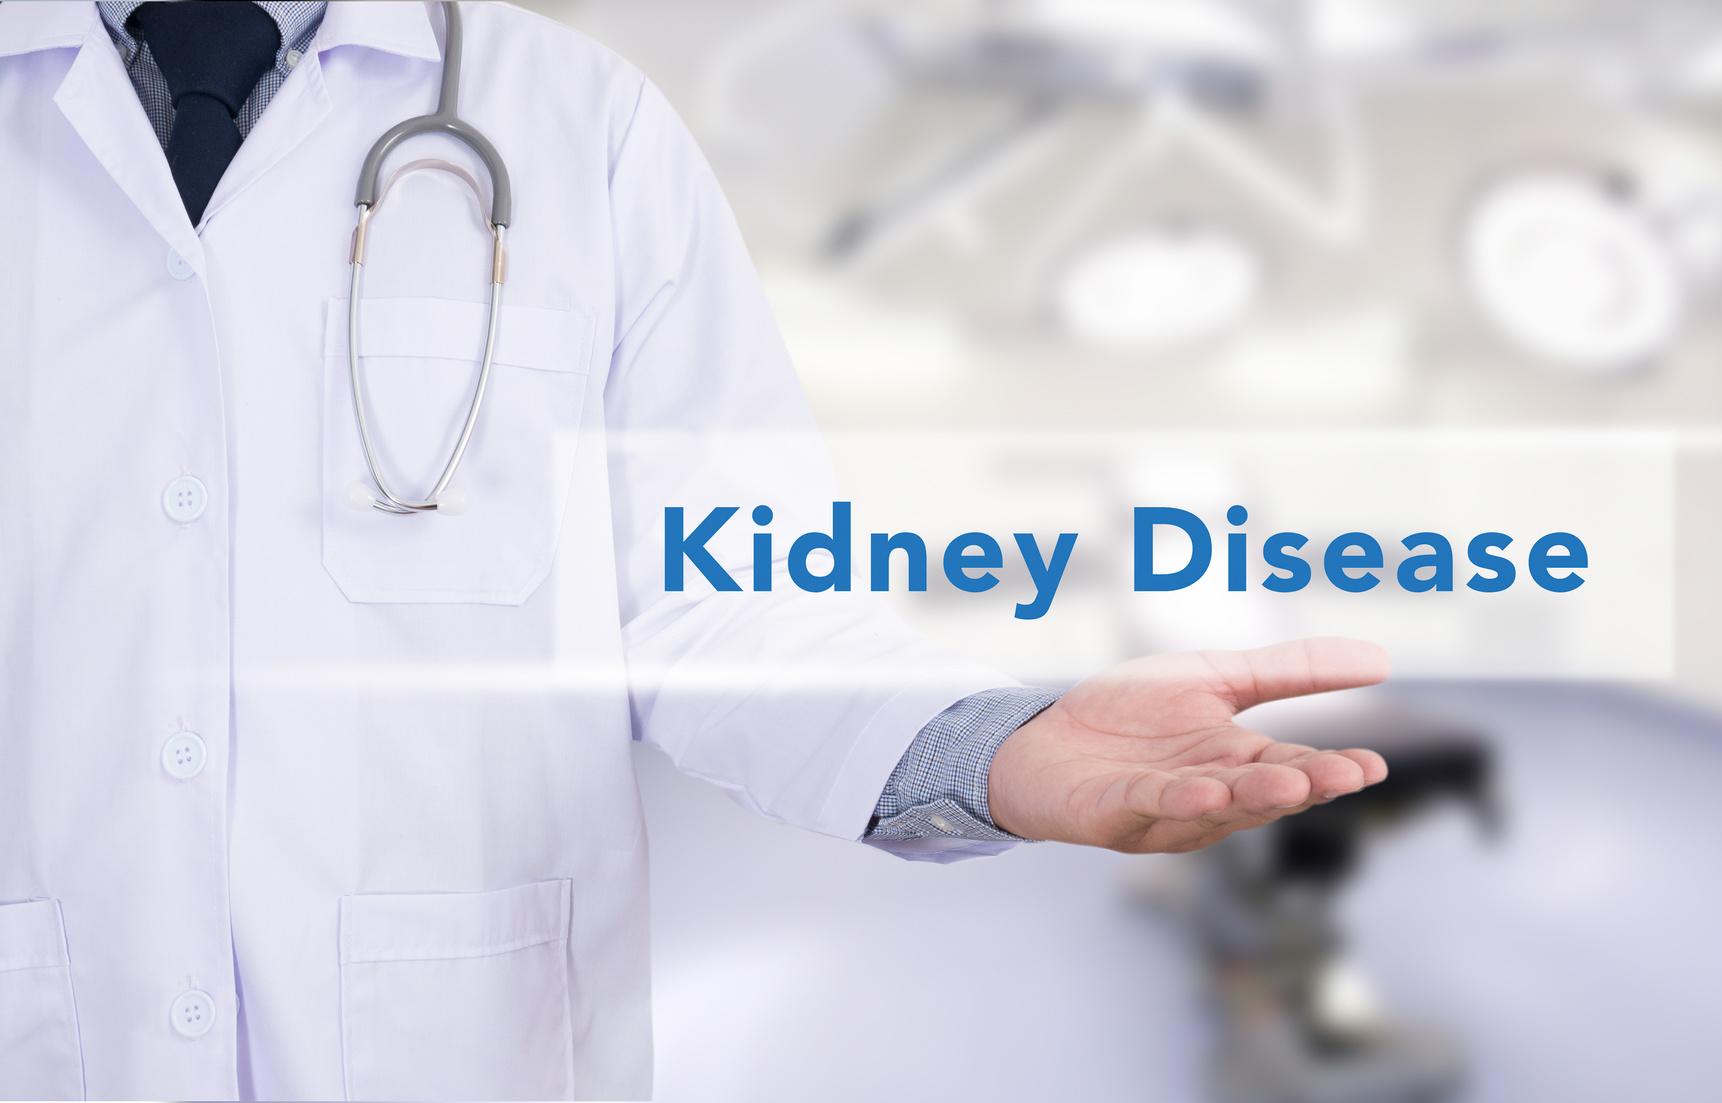 血清クレアチニンは腎機能の指標。高いままだと透析や腎臓移植になってしまうかも